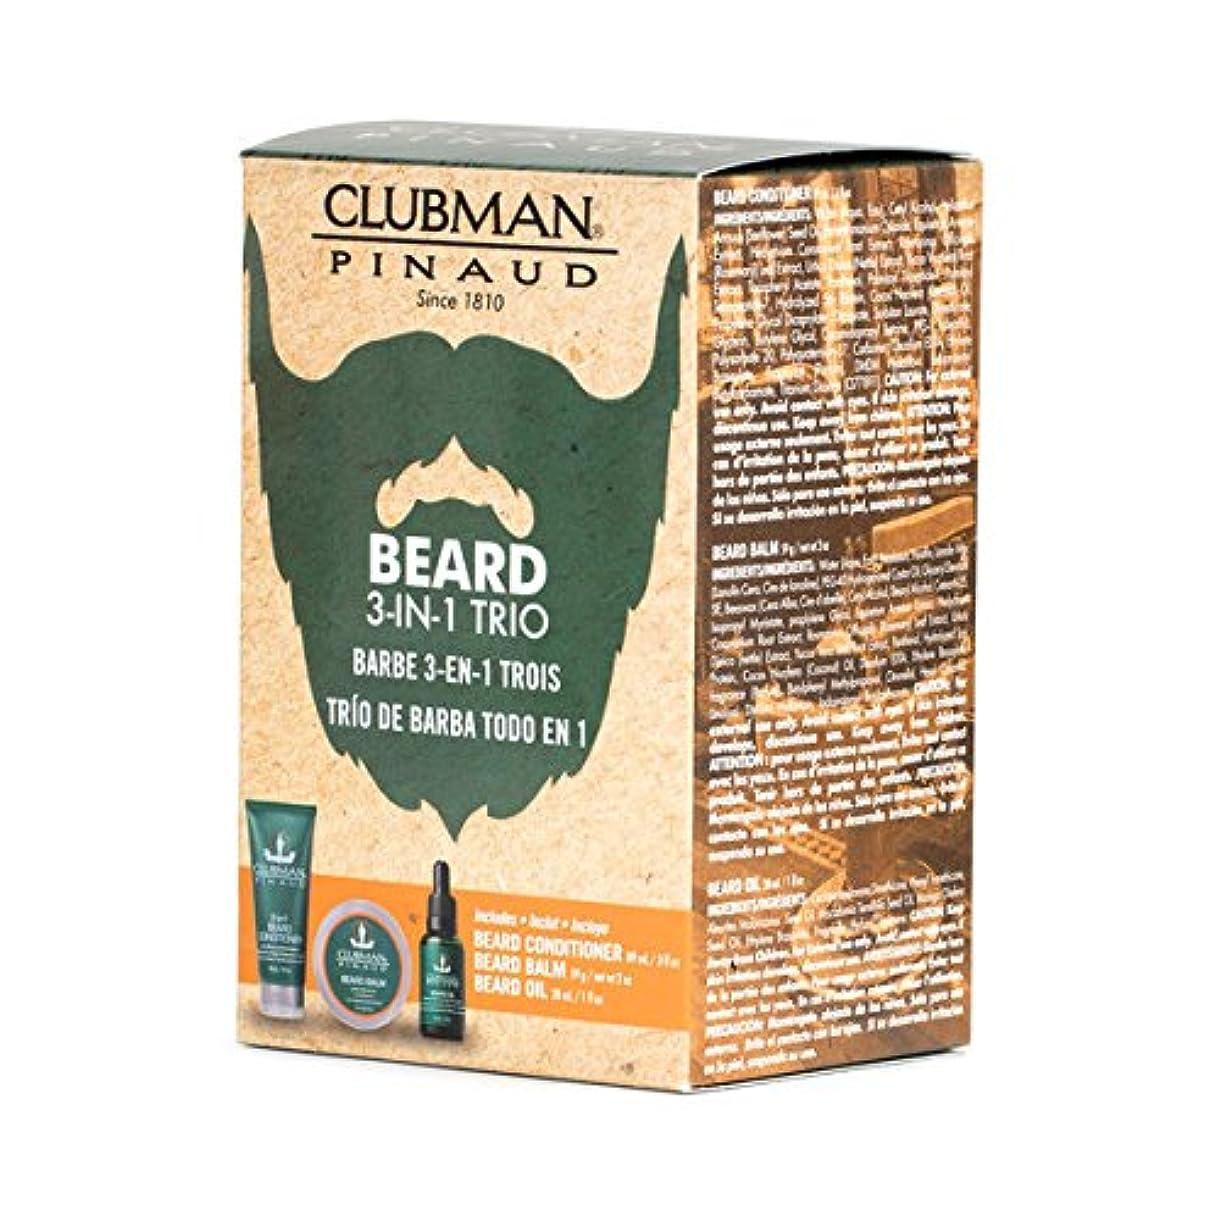 封筒専門知識起きている(3 Pack) CLUBMAN Beard 3 in 1 Trio - Beard Balm, Oil and 2 in 1 Conditioner (並行輸入品)